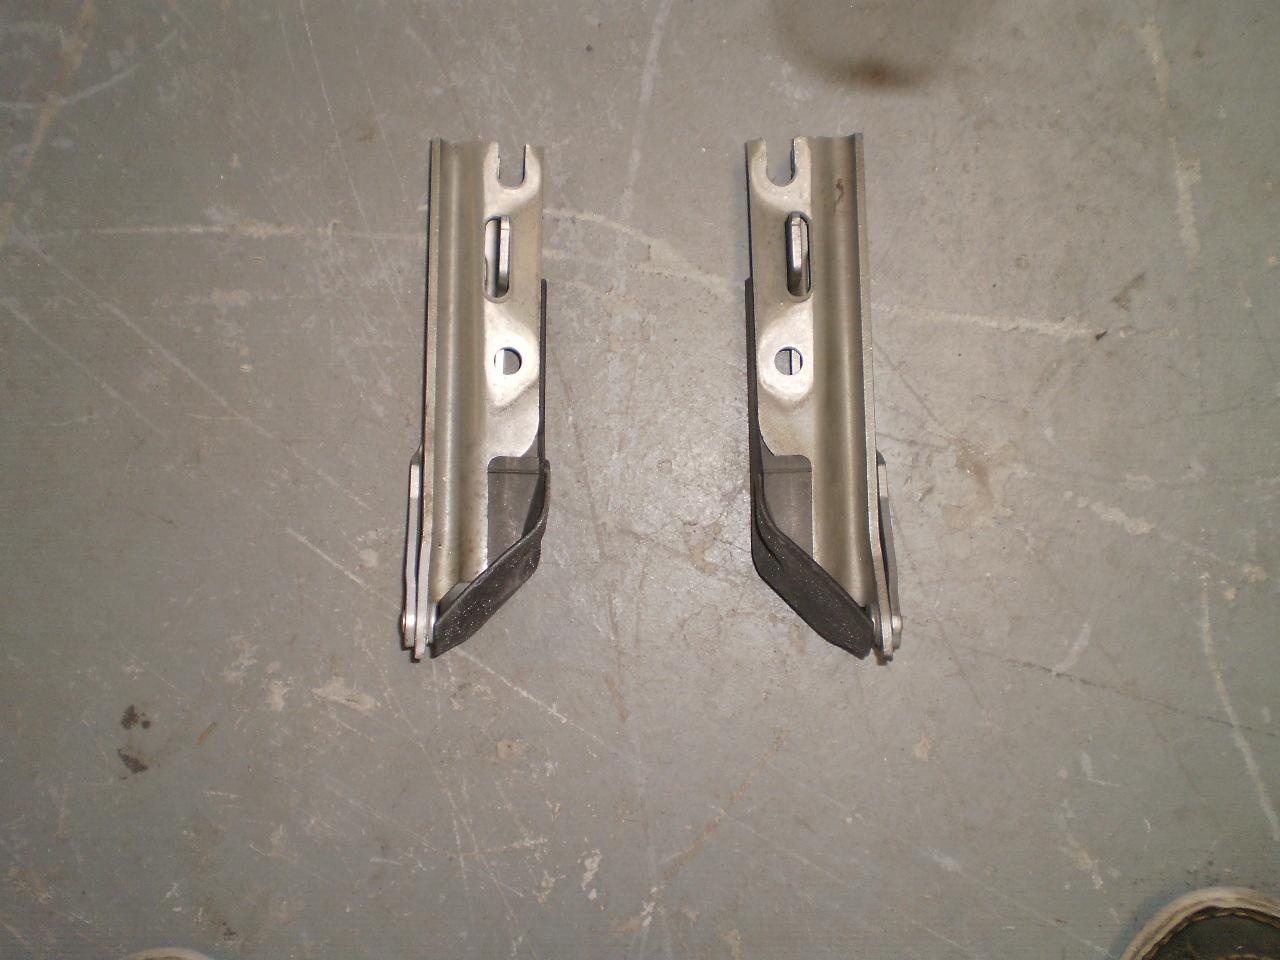 03-07 Saab 93 Hood Hinge Left & Right Set Hinges